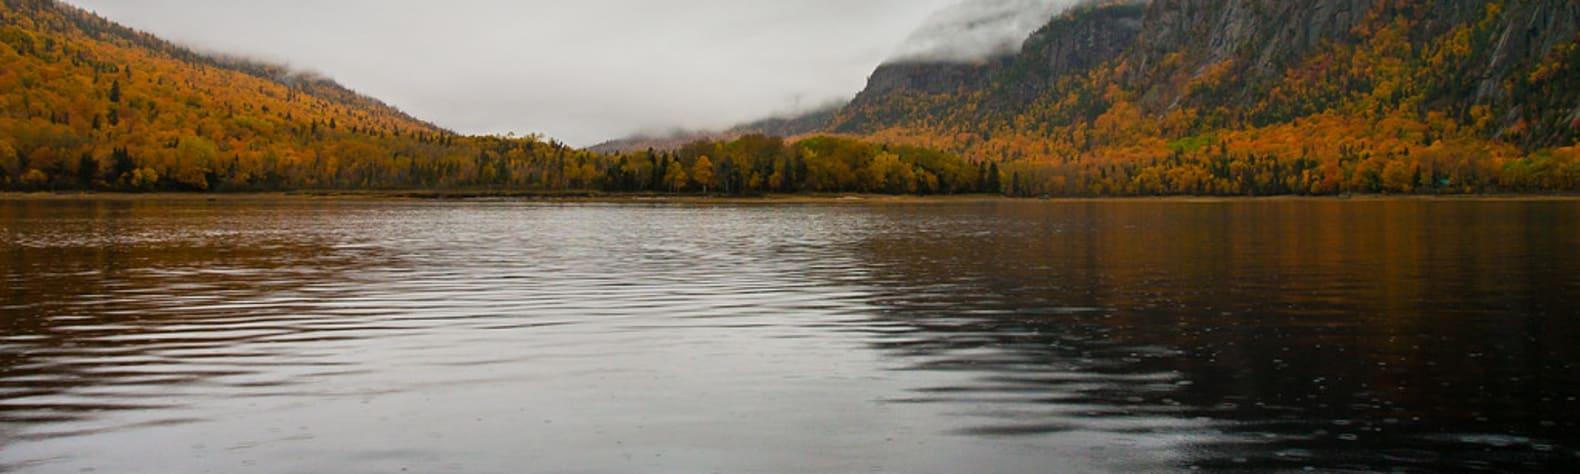 Saguenay Fjord National Park